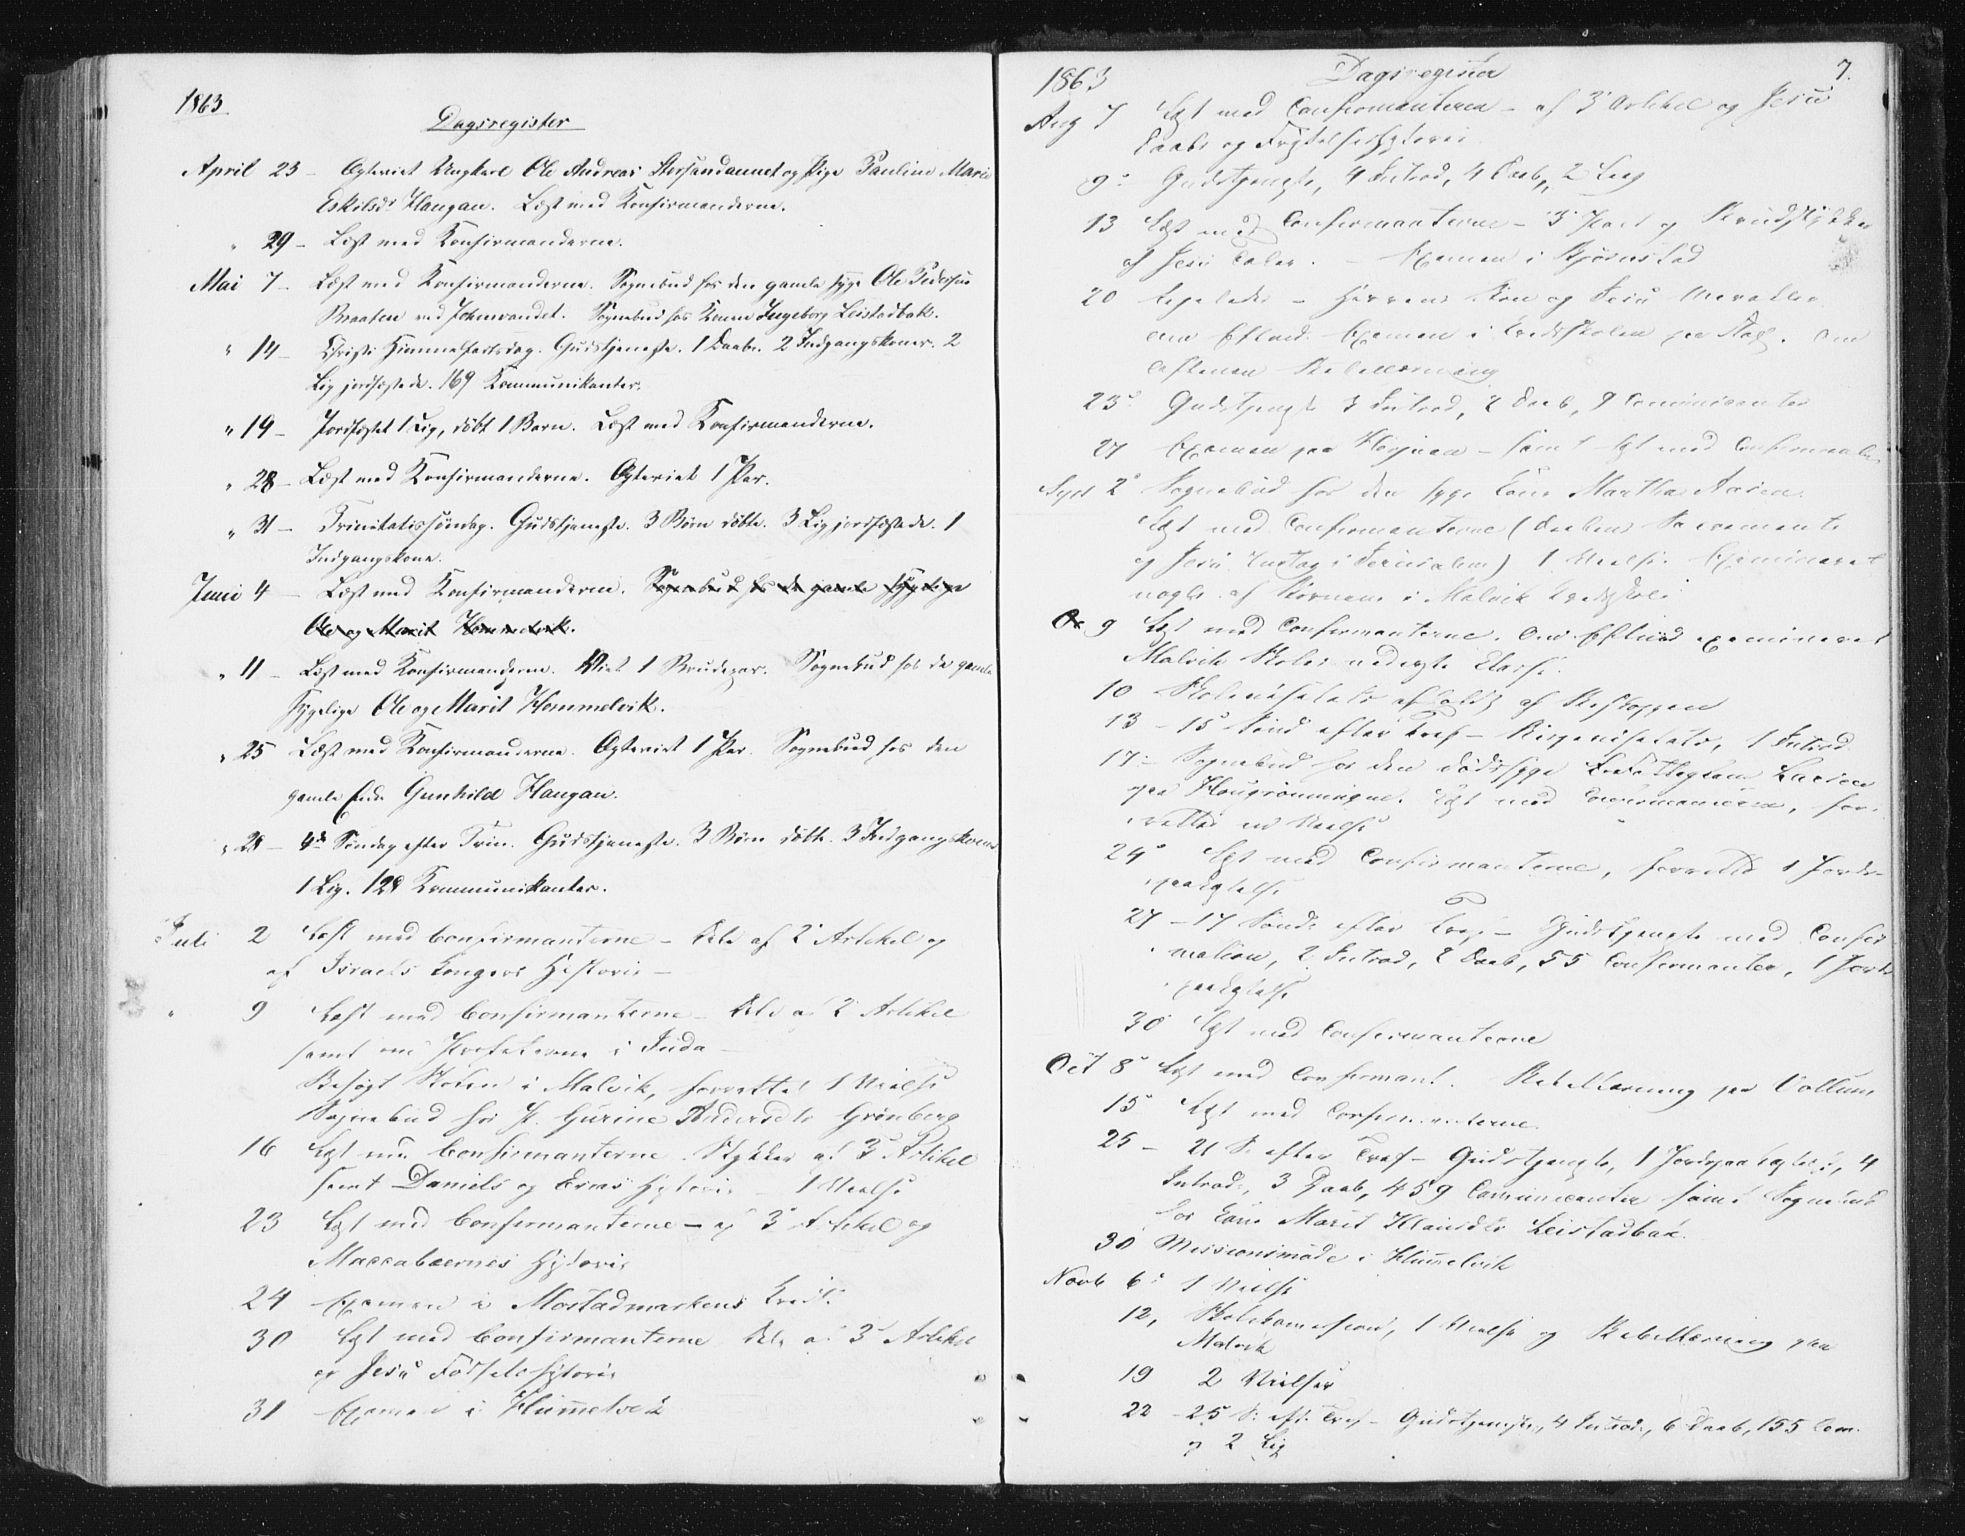 SAT, Ministerialprotokoller, klokkerbøker og fødselsregistre - Sør-Trøndelag, 616/L0408: Ministerialbok nr. 616A05, 1857-1865, s. 7